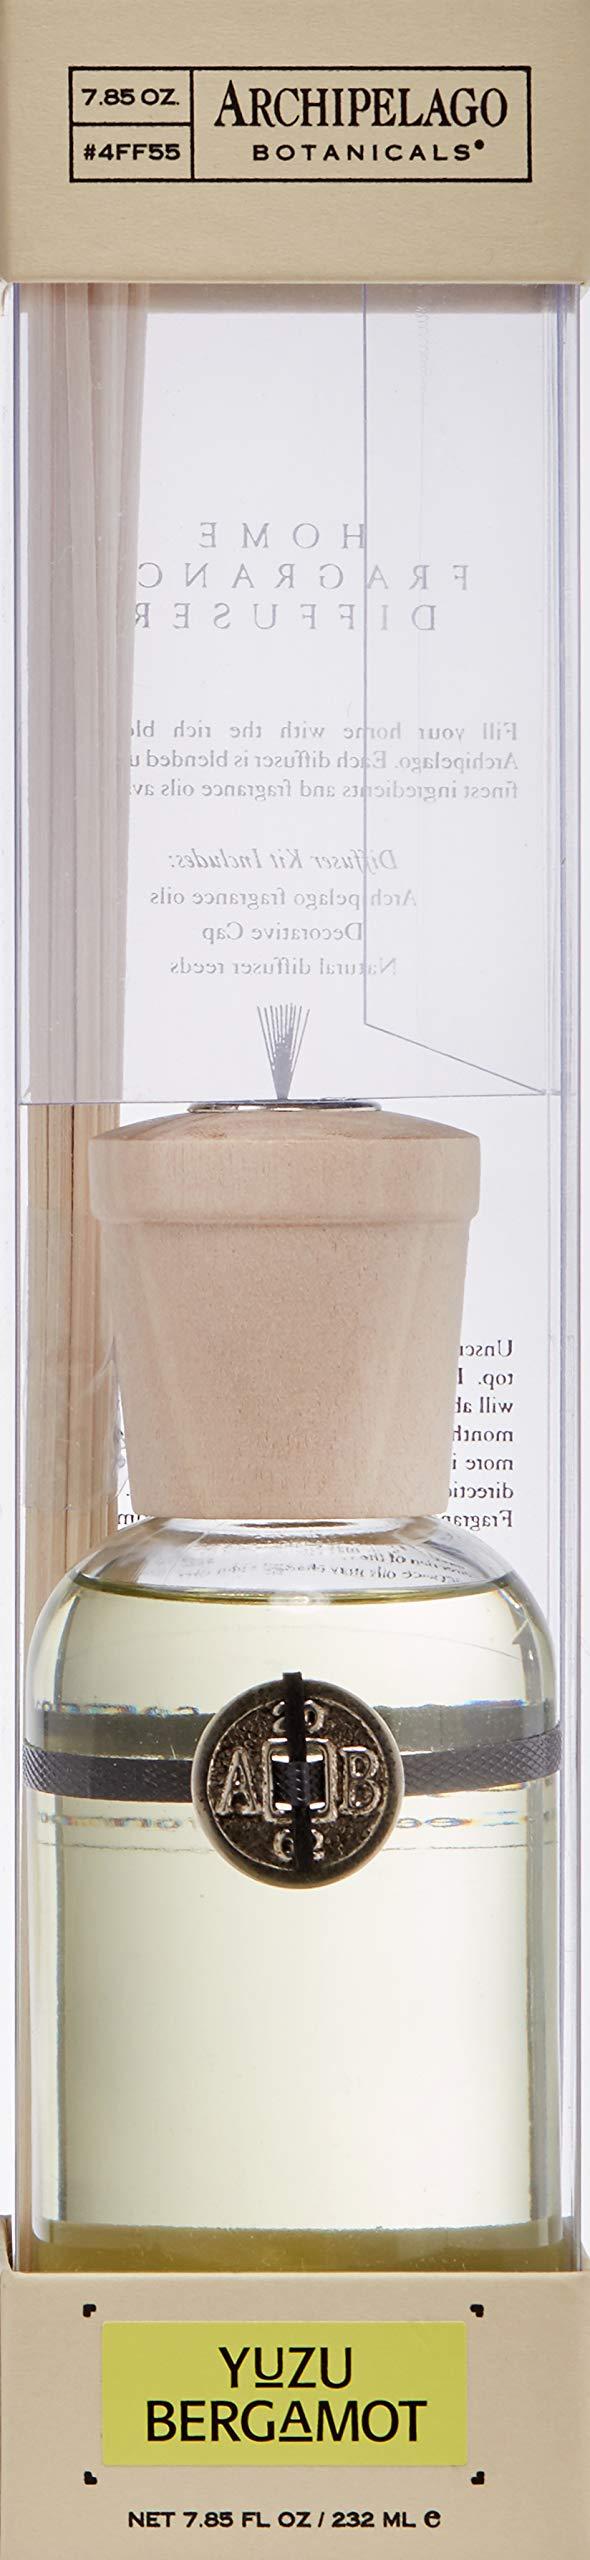 Archipelago Reed Diffuser, Yuzu Bergamot, 7.85 oz. by Archipelago Botanicals (Image #3)